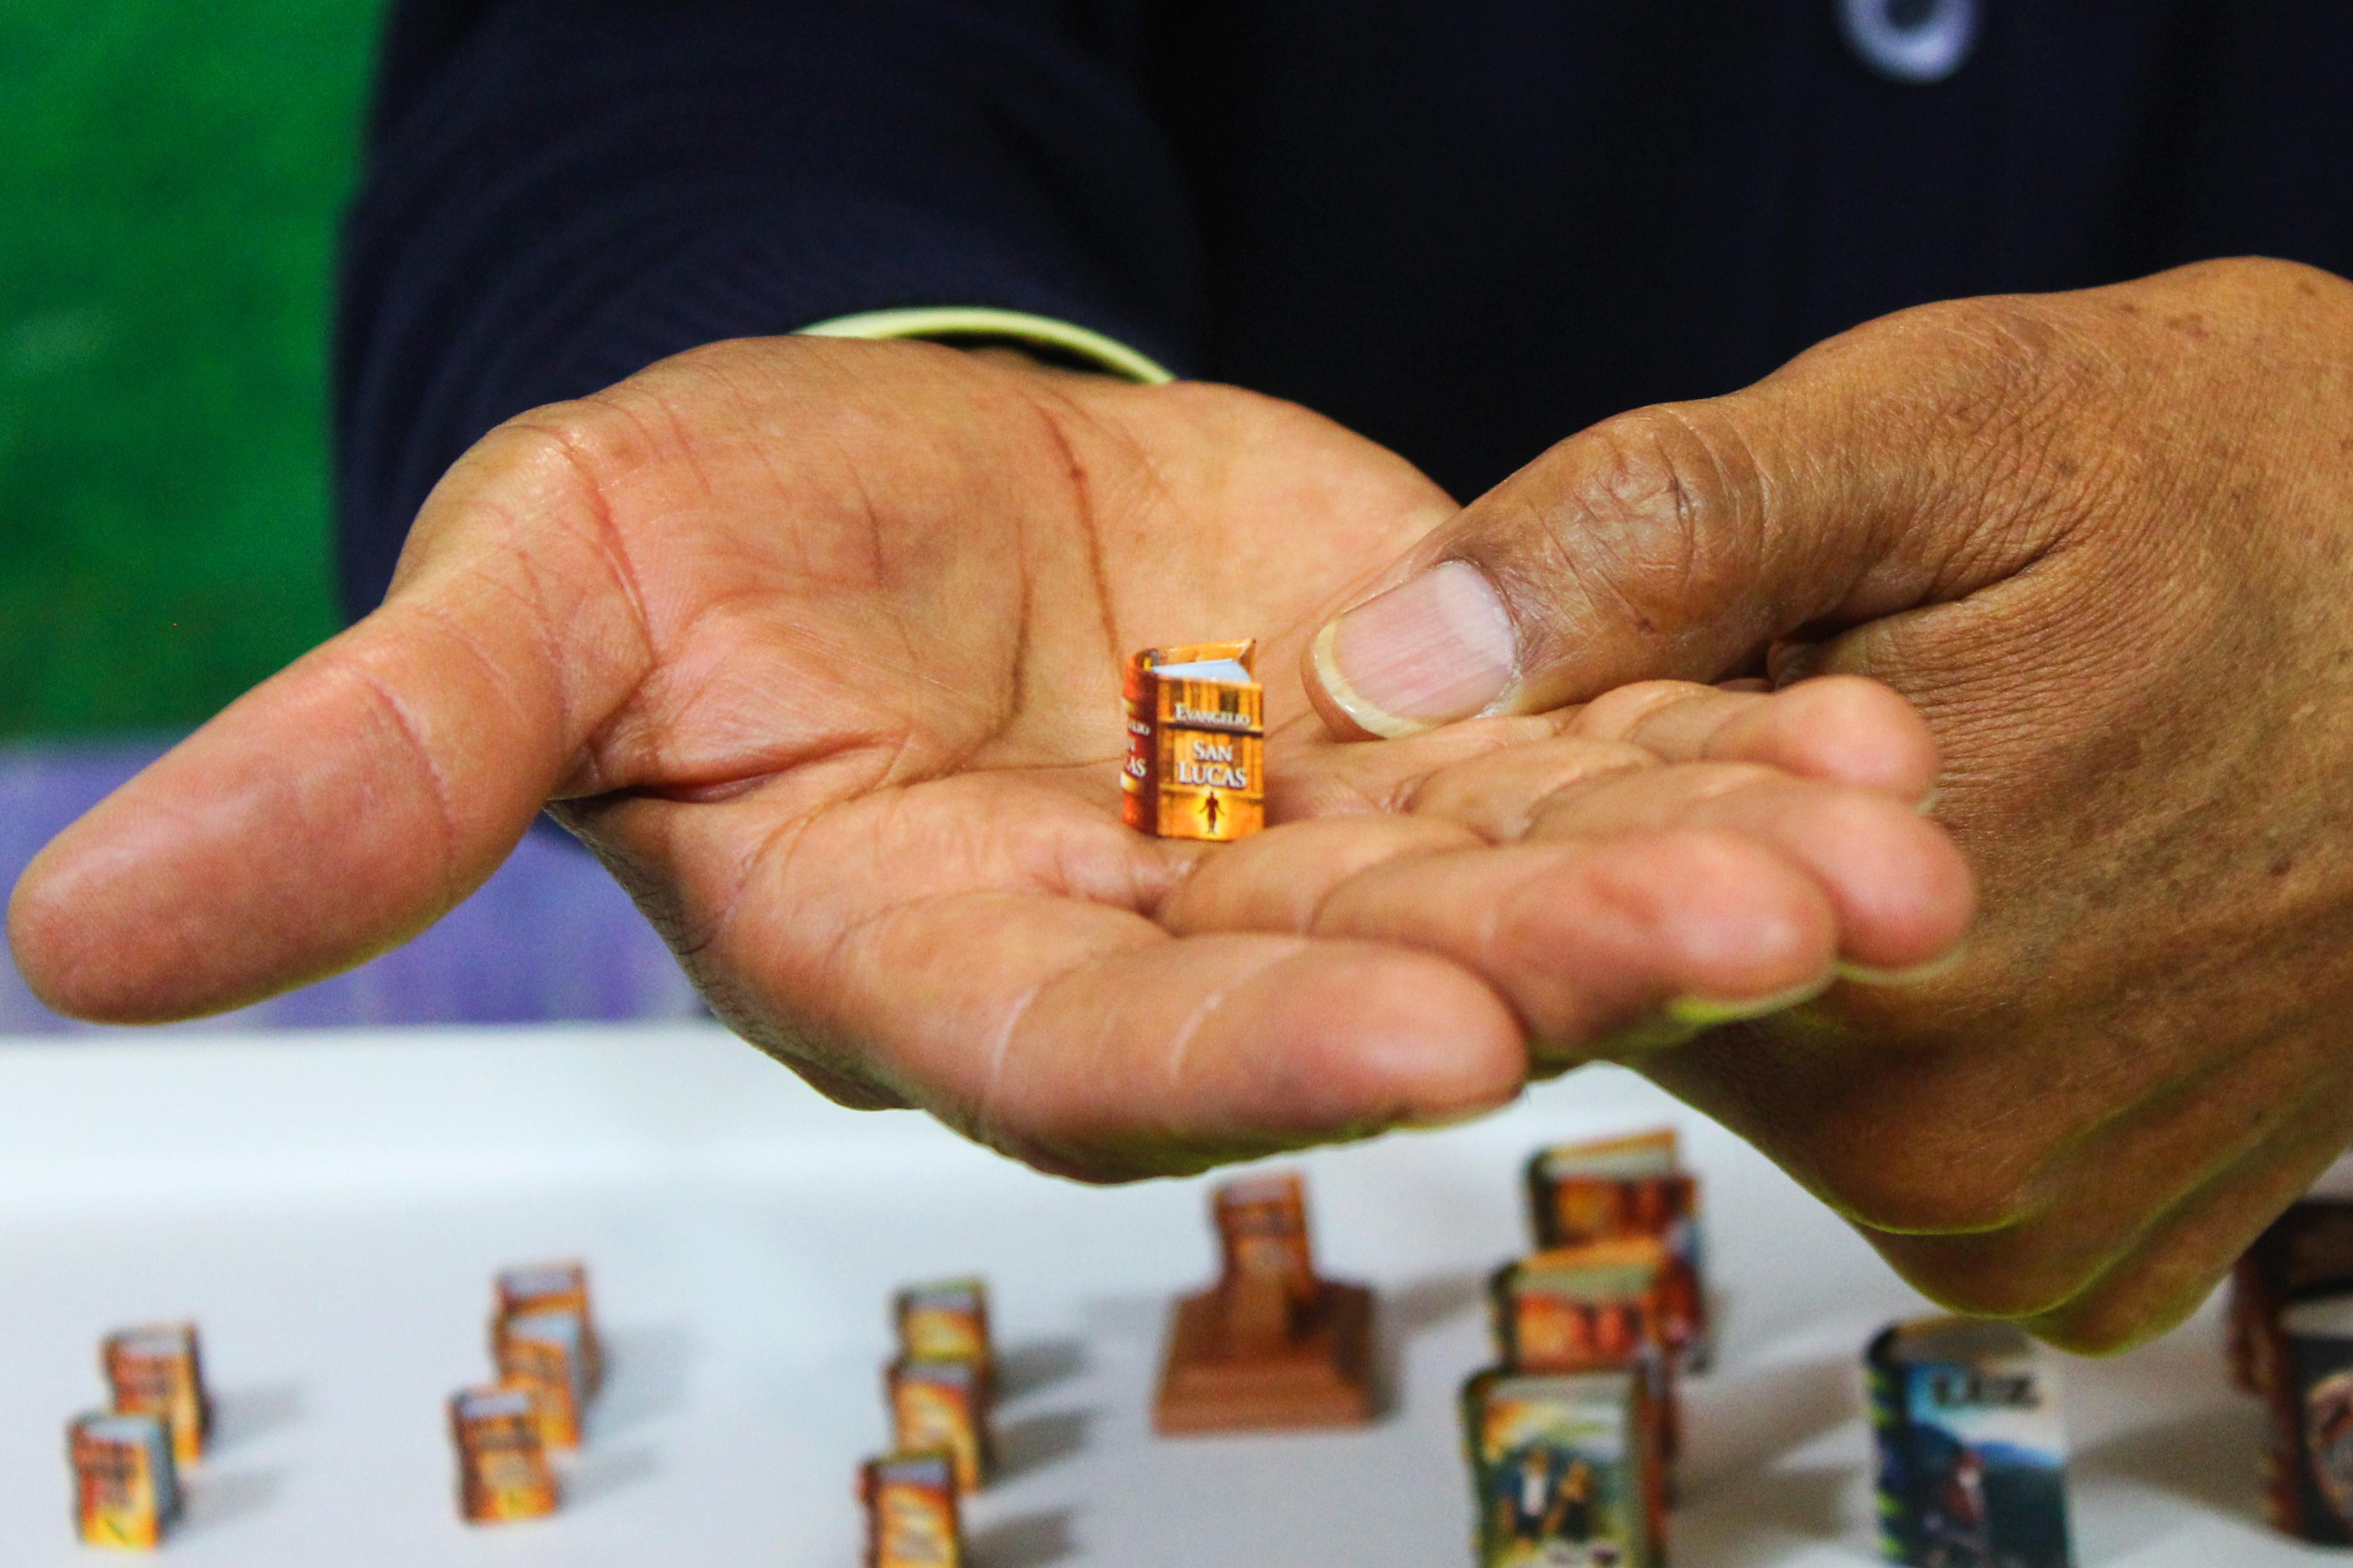 libros más pequeños del mundo en filey 2018